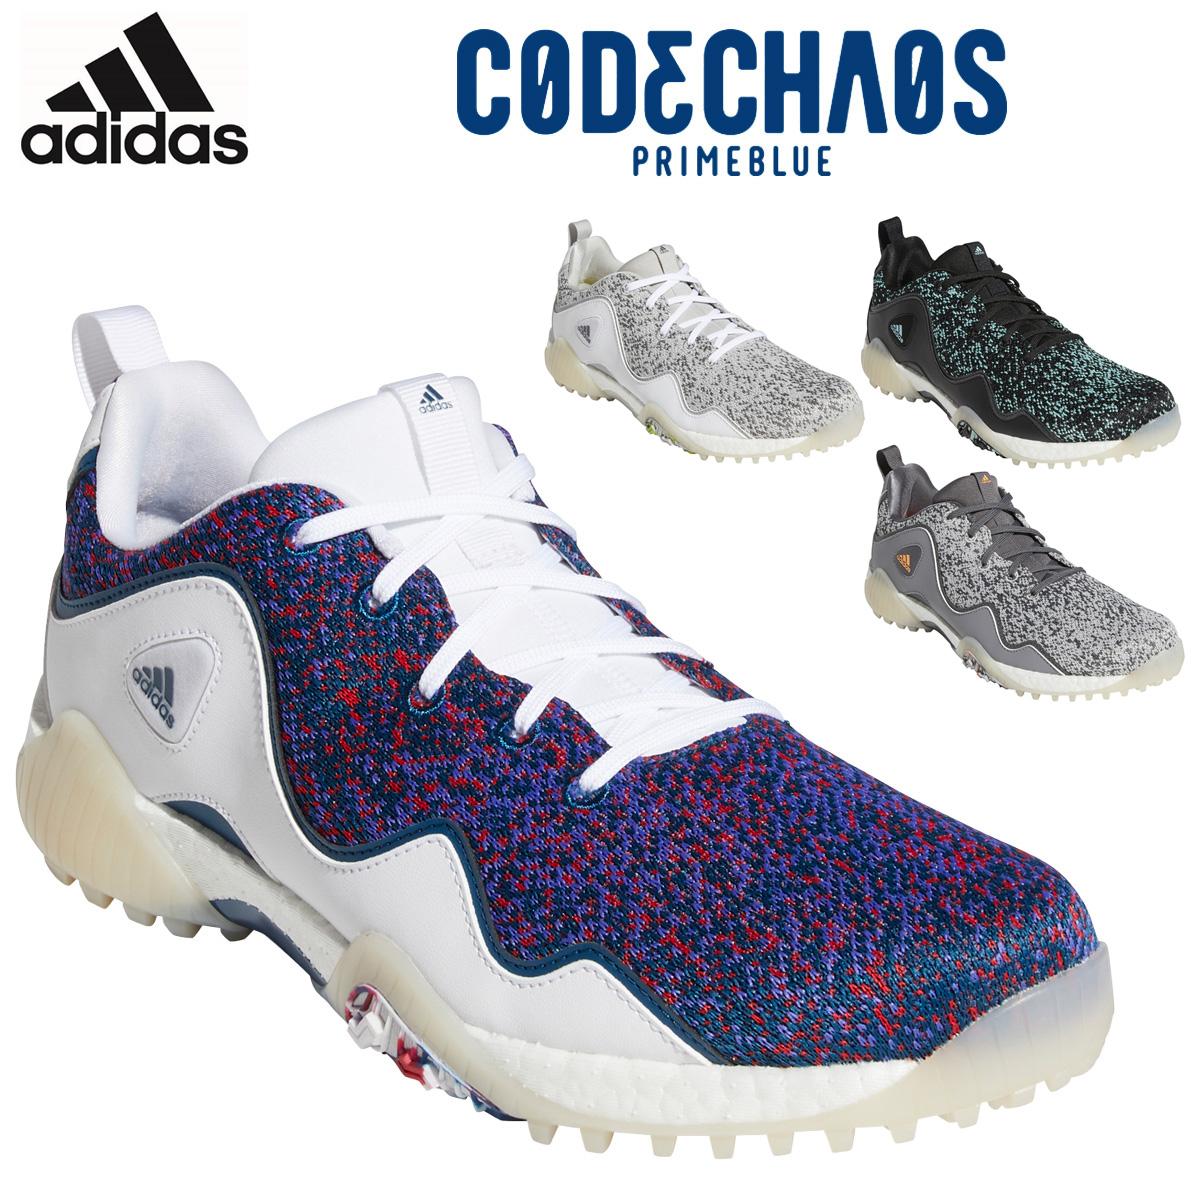 異次元 持続る adidas Golf アディダスゴルフ 日本正規品 CODECHAOS コードカオスプライムブルー KZI12 PRIMEBLUE スパイクレスゴルフシューズ 2021新製品 21 出色 あす楽対応 人気商品